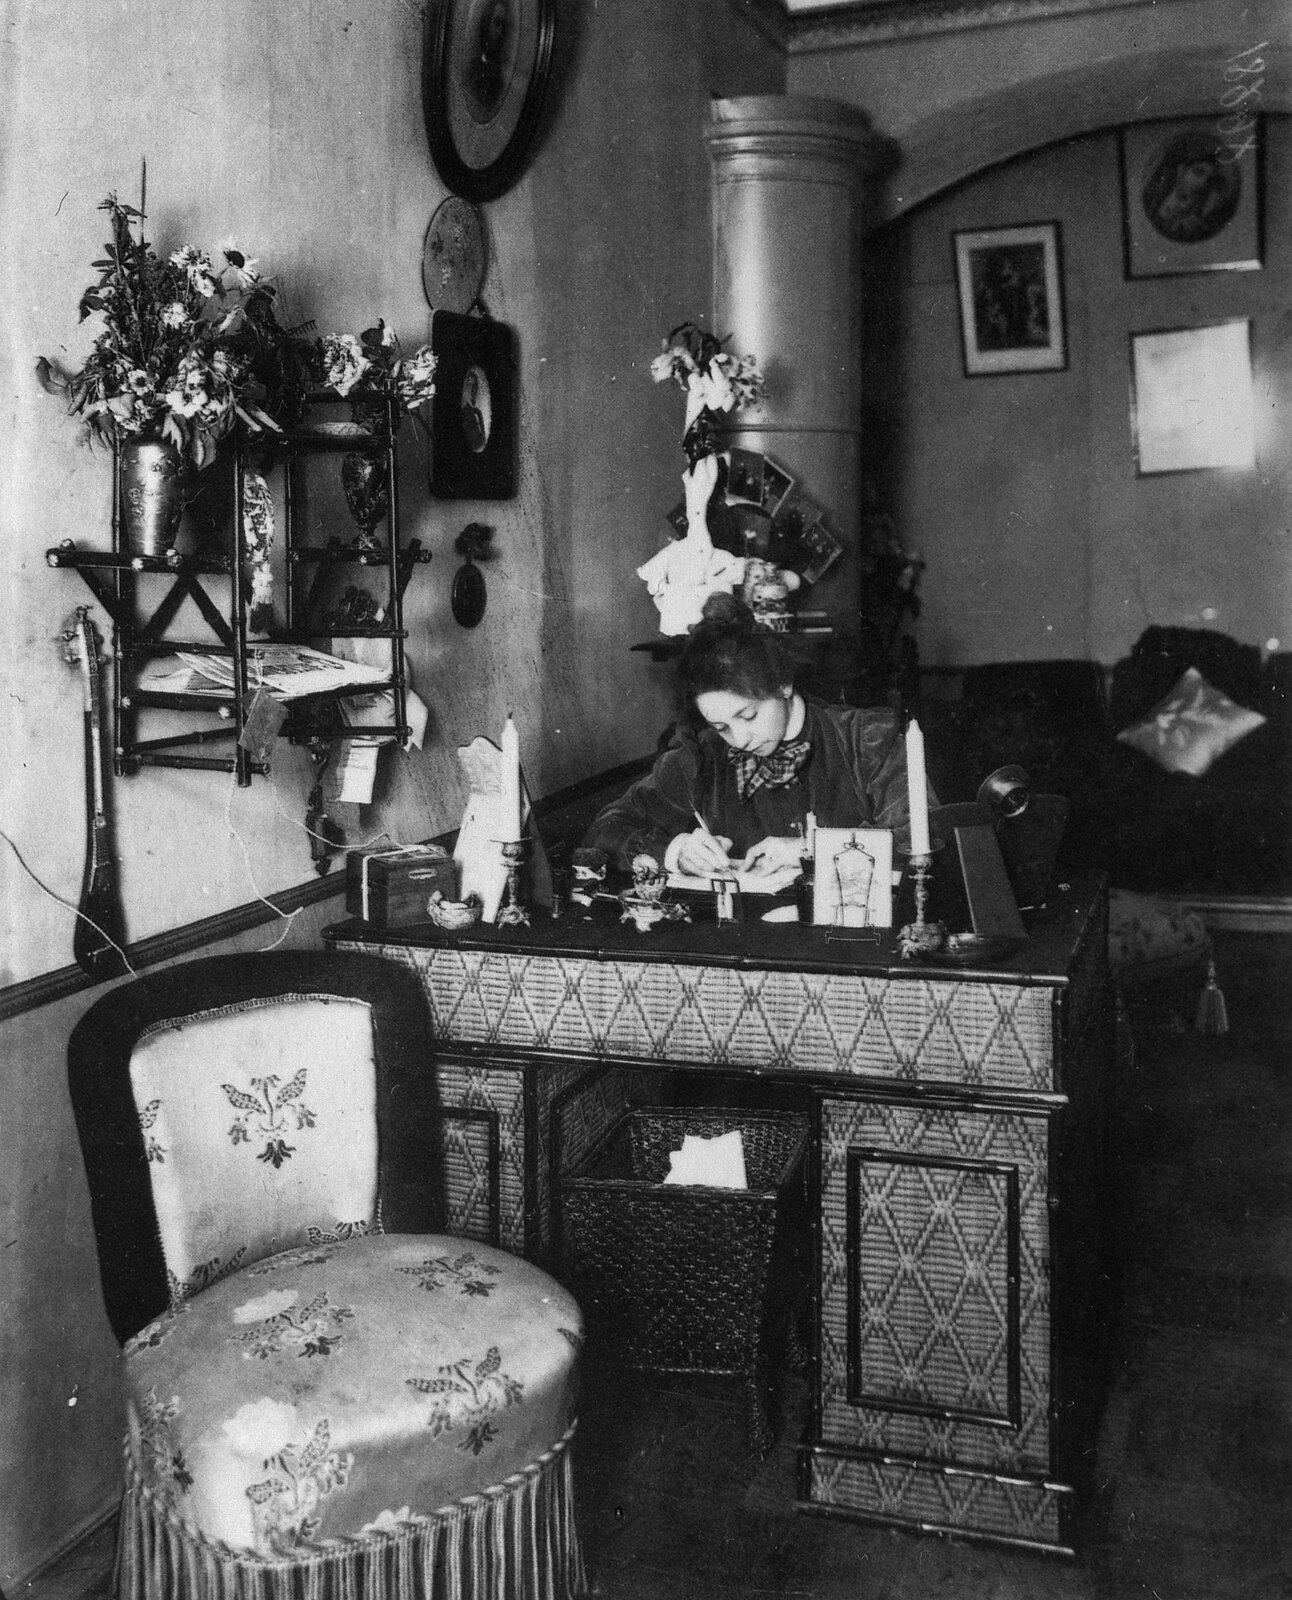 1908. Комиссаржевская Вера Фёдоровна в кабинете своей квартиры по Английскому проспекту д. 27 кв.7.